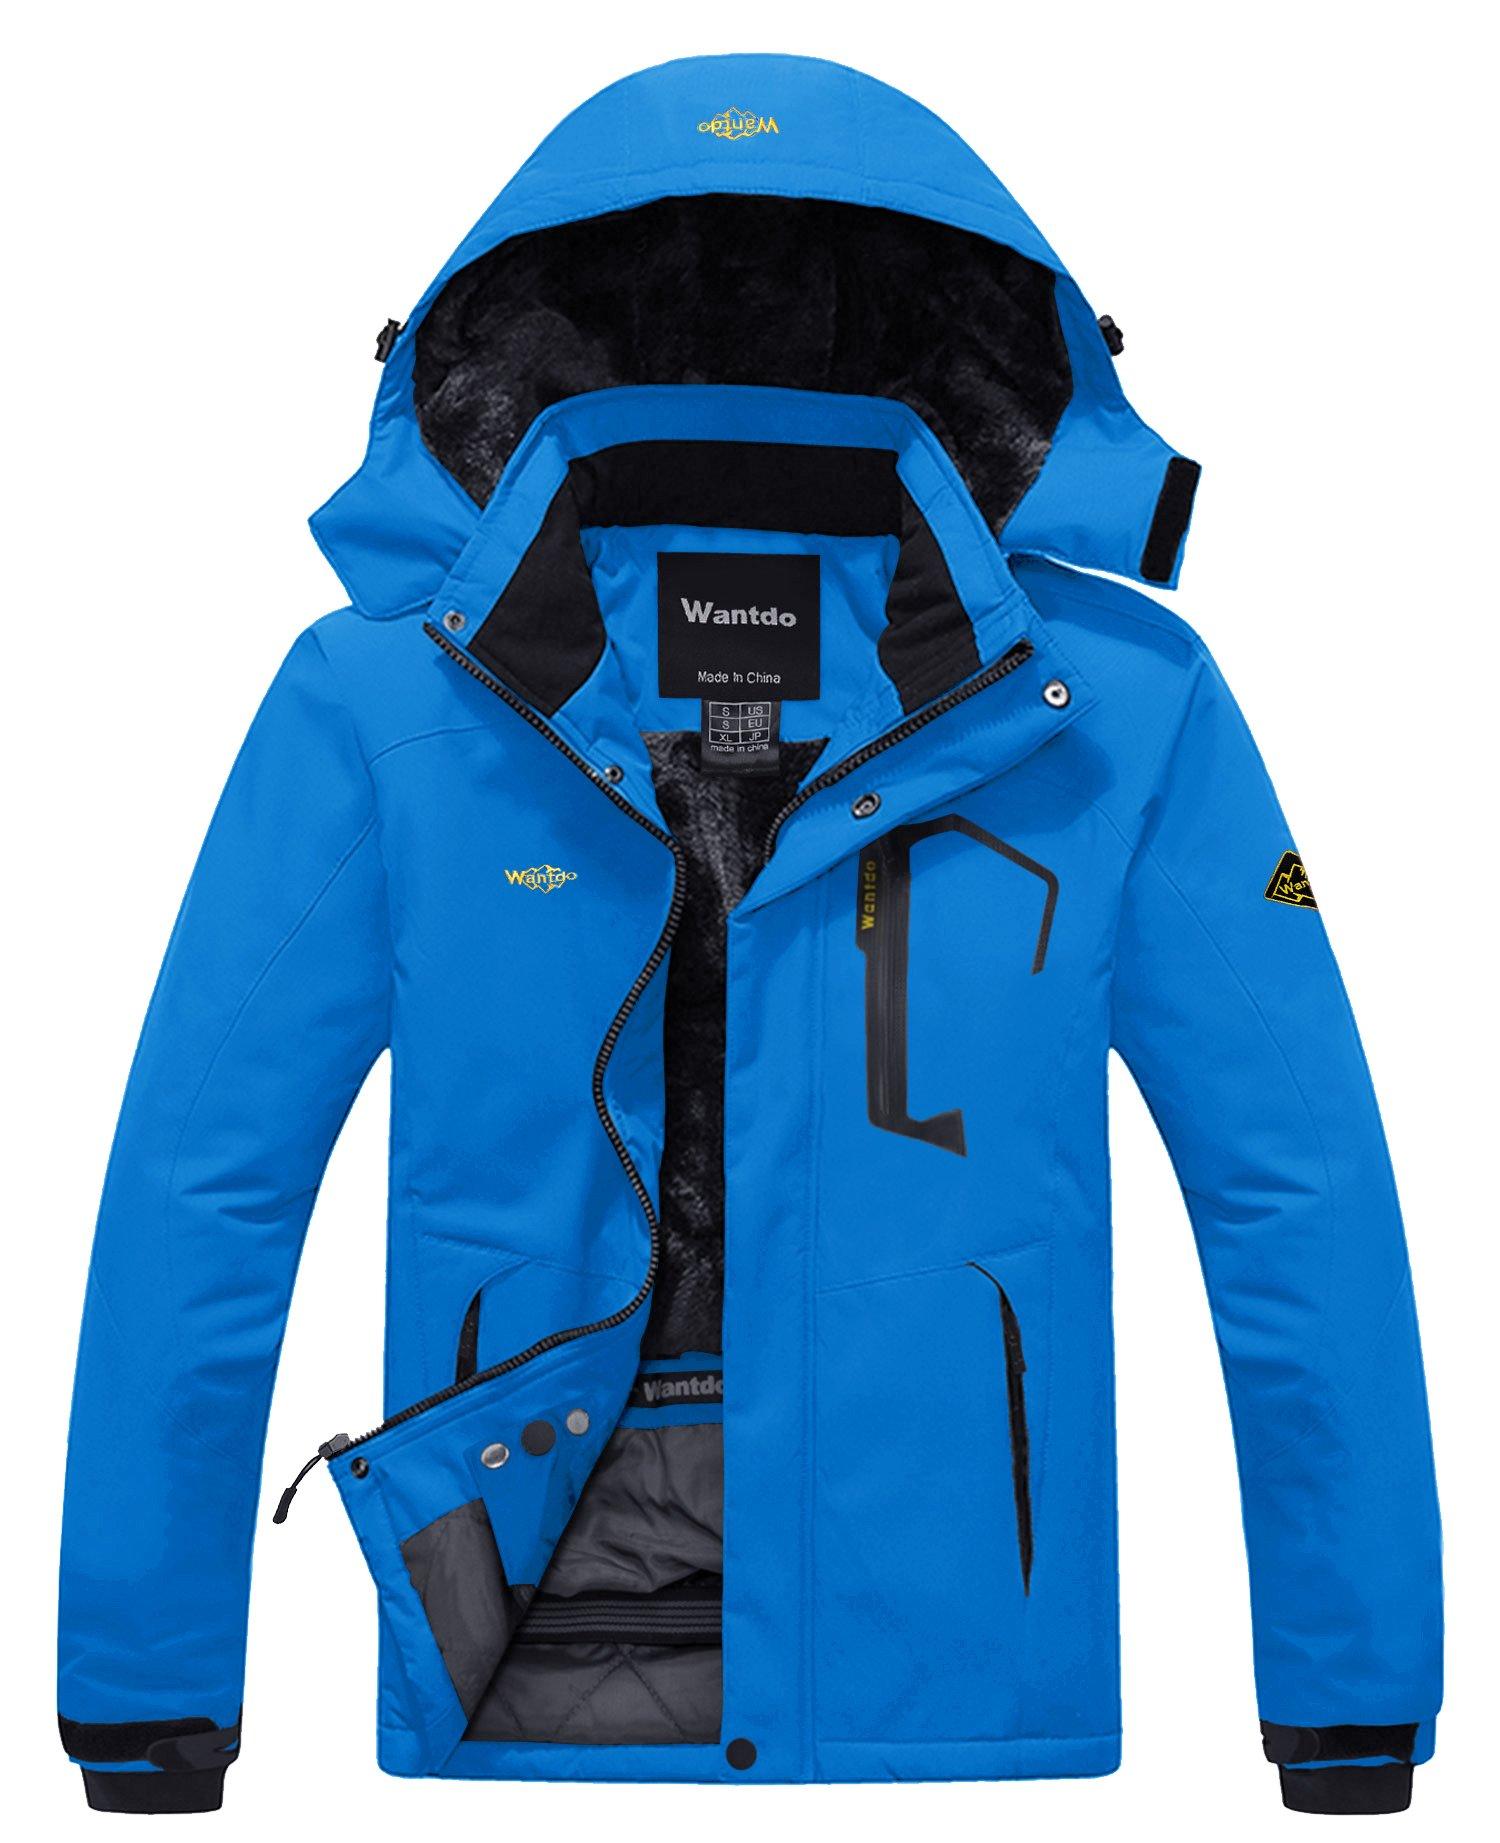 Wantdo Men's Waterproof Fleece Ski Jacket Windproof Rain Jacket Acid Blue S